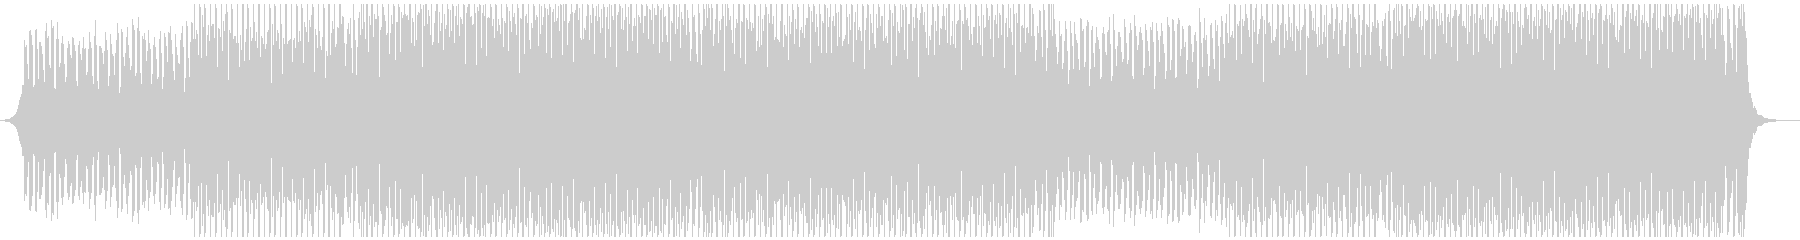 サマーポップの未再生の波形